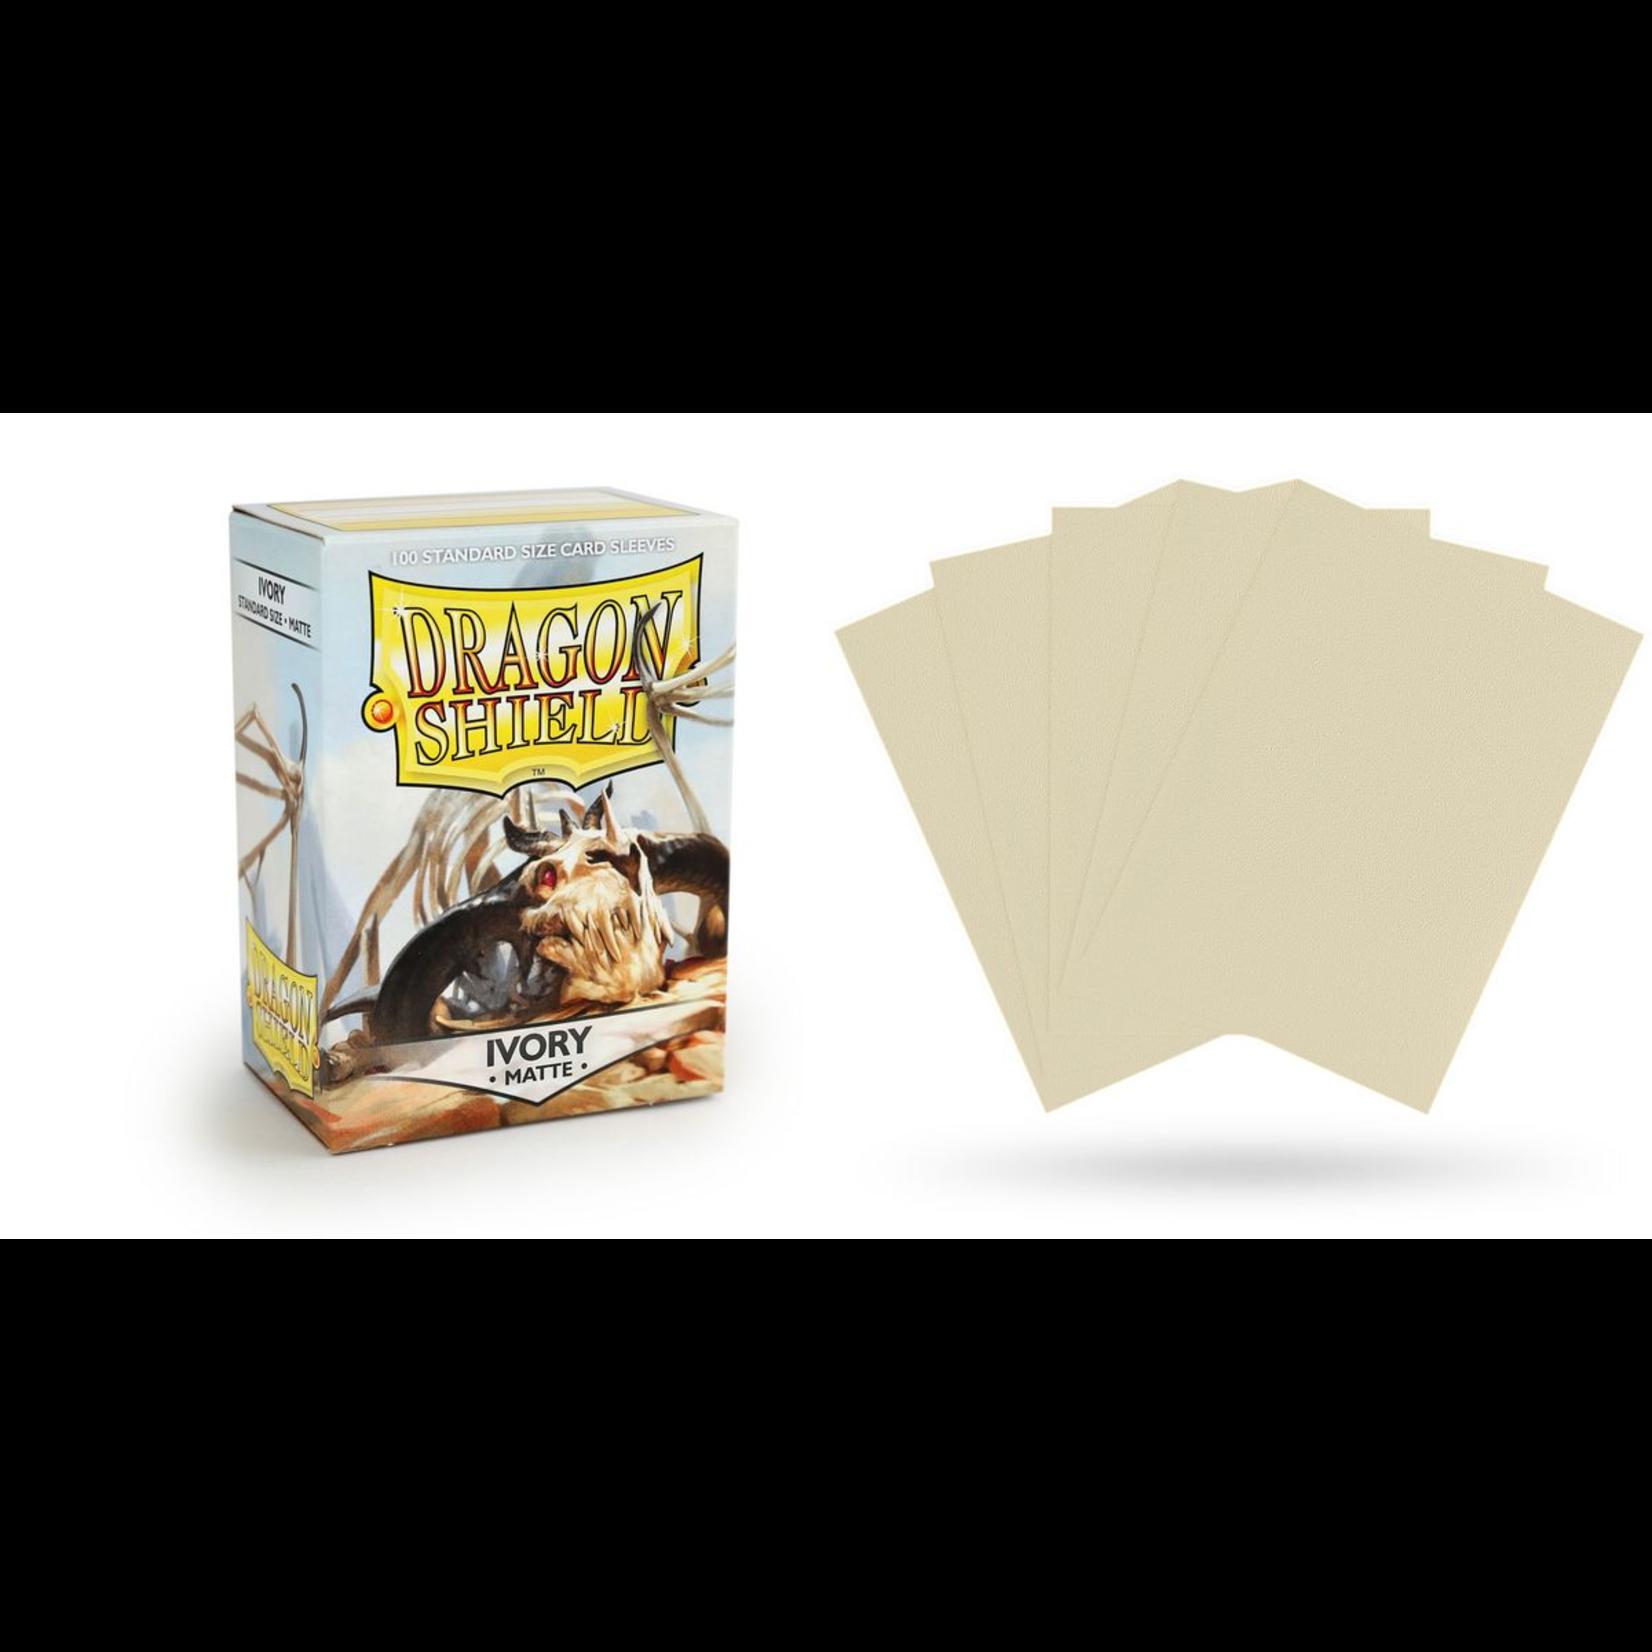 ARCANE TINMEN Dragon Shield: (100) Matte Ivory